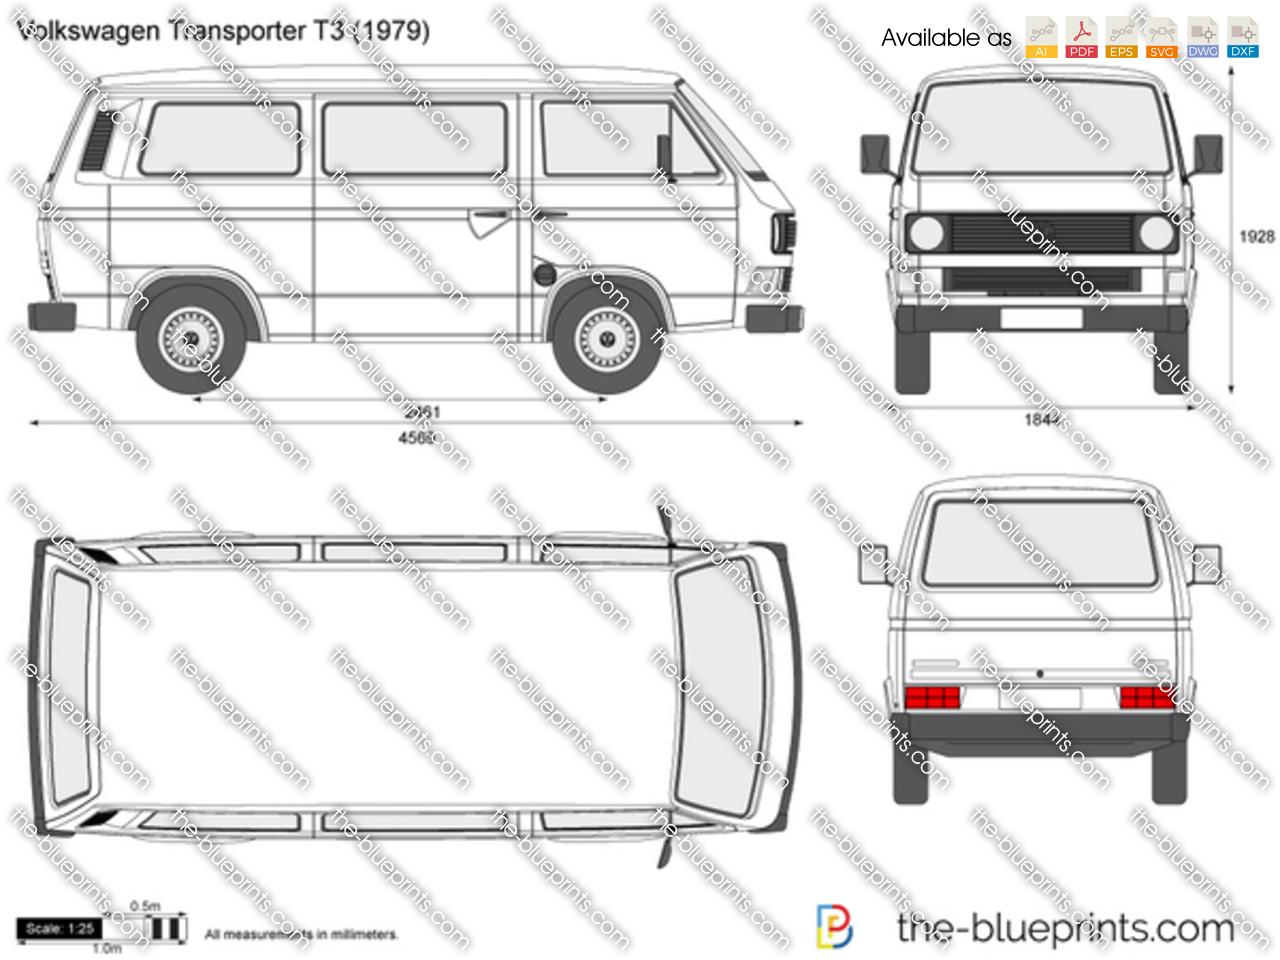 Volkswagen Transporter T3 1990